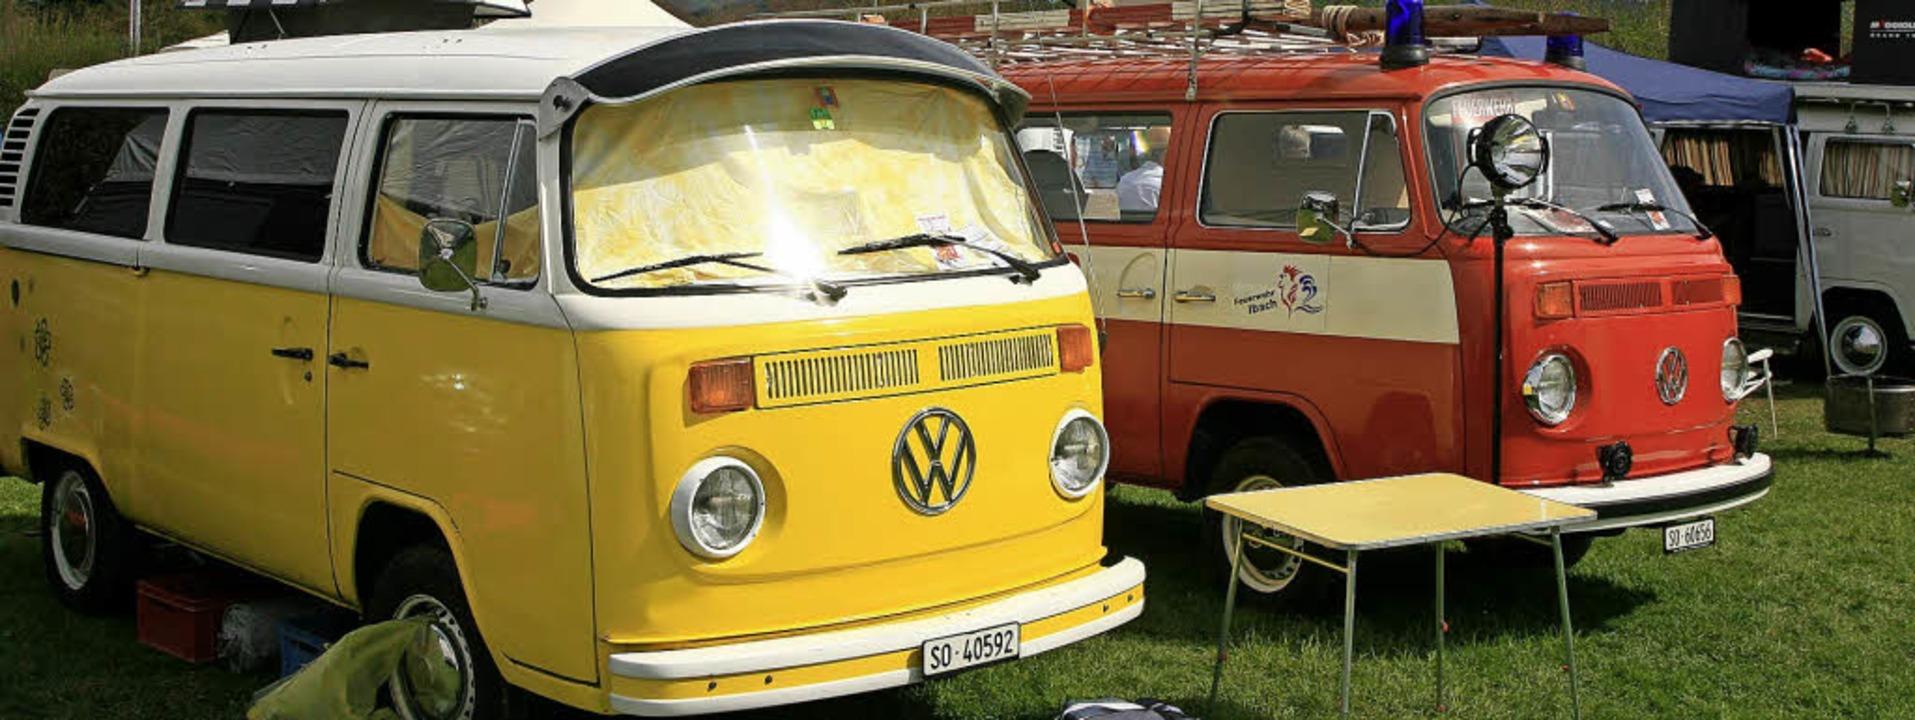 VW-Busse aller Couleur und jeden Alter...rzwälder VW-Bus-Treffen in Kirchzarten  | Foto: Wolf-Wilhelm Adam